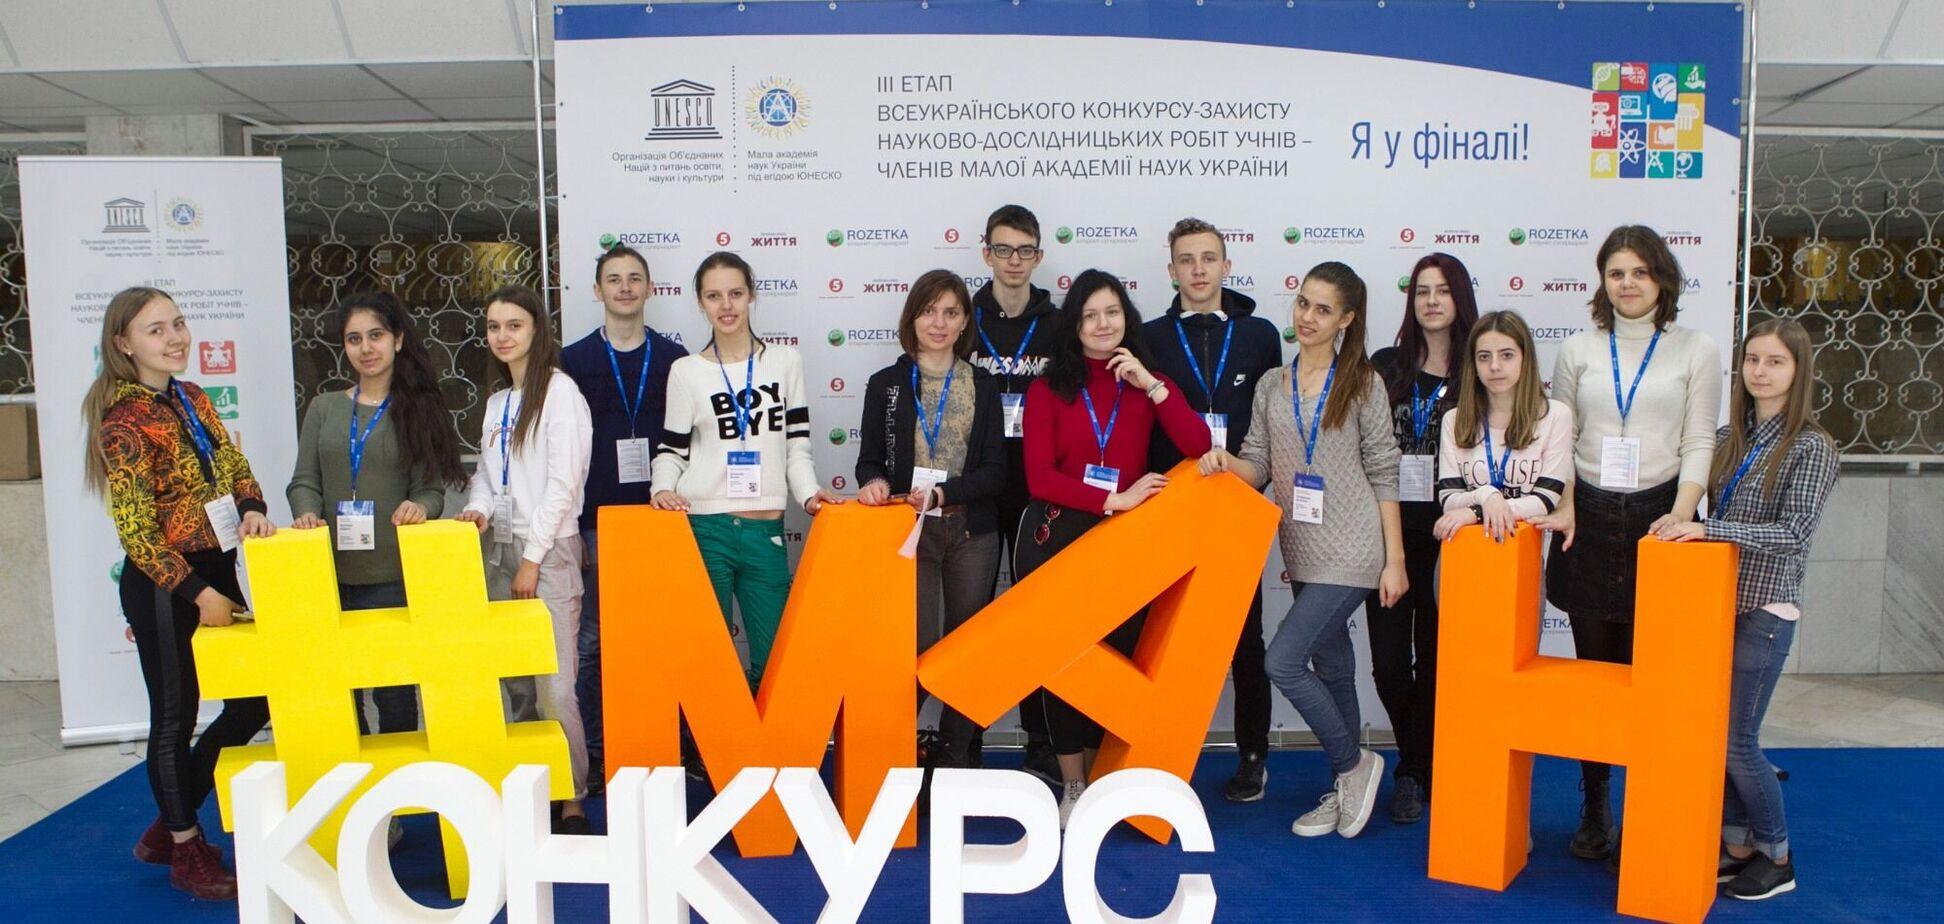 МАН провела всеукраїнський конкурс наукових робіт: хто отримав 'золото'